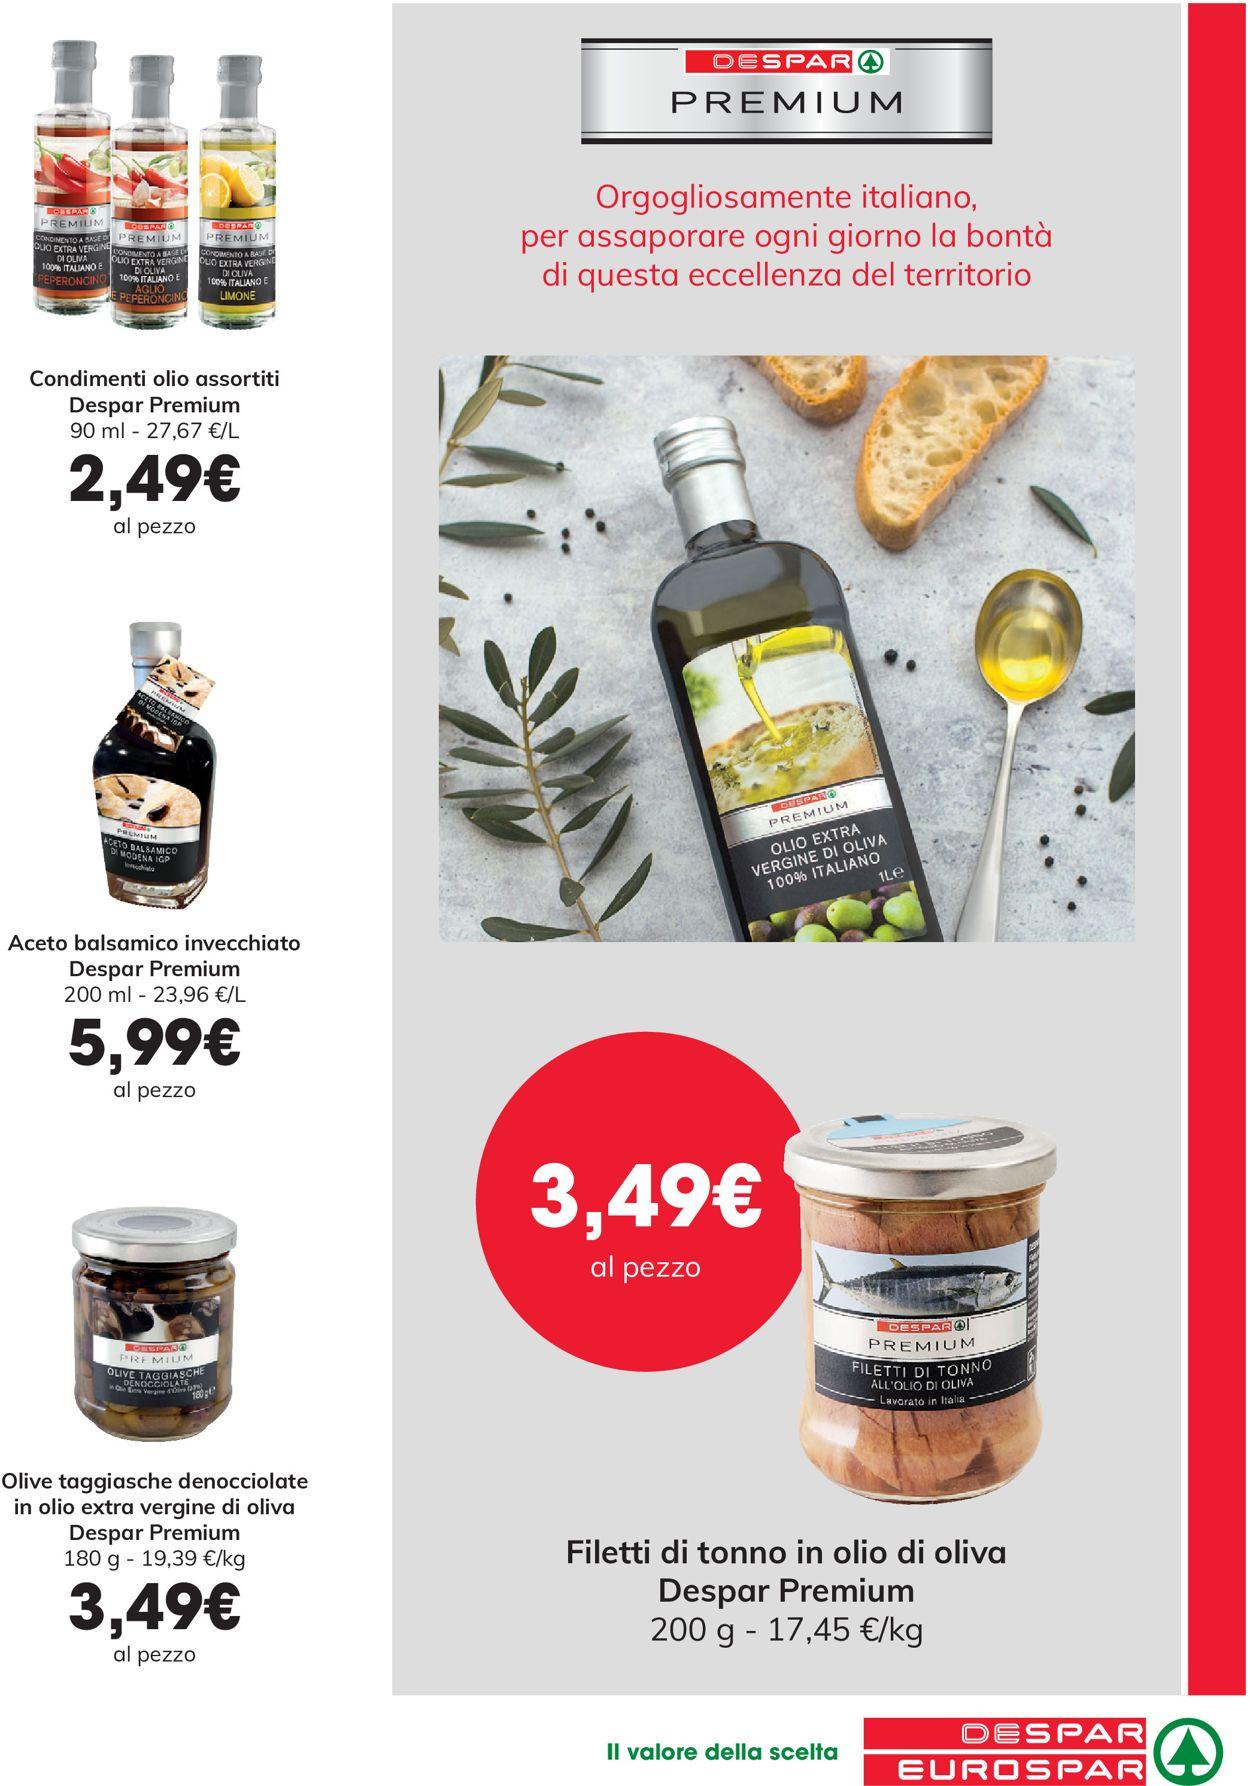 Volantino Eurospar - Offerte 02/04-13/04/2020 (Pagina 16)